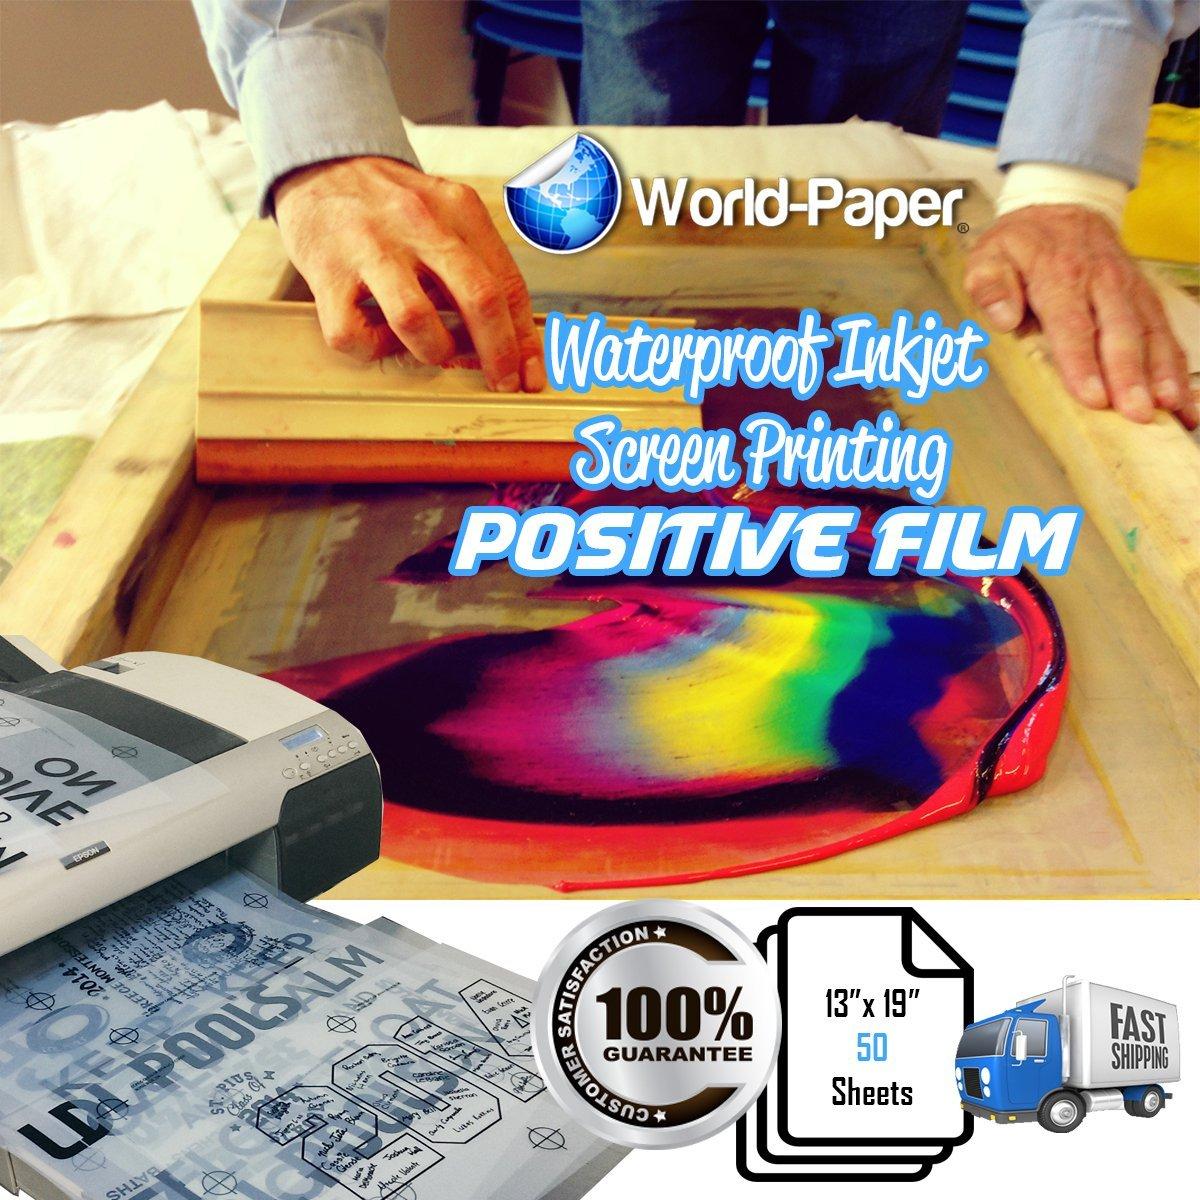 50 Sheets 100micron WaterProof Inkjet Transparency Silk Screen Film 13'' x 19'' by world-paper